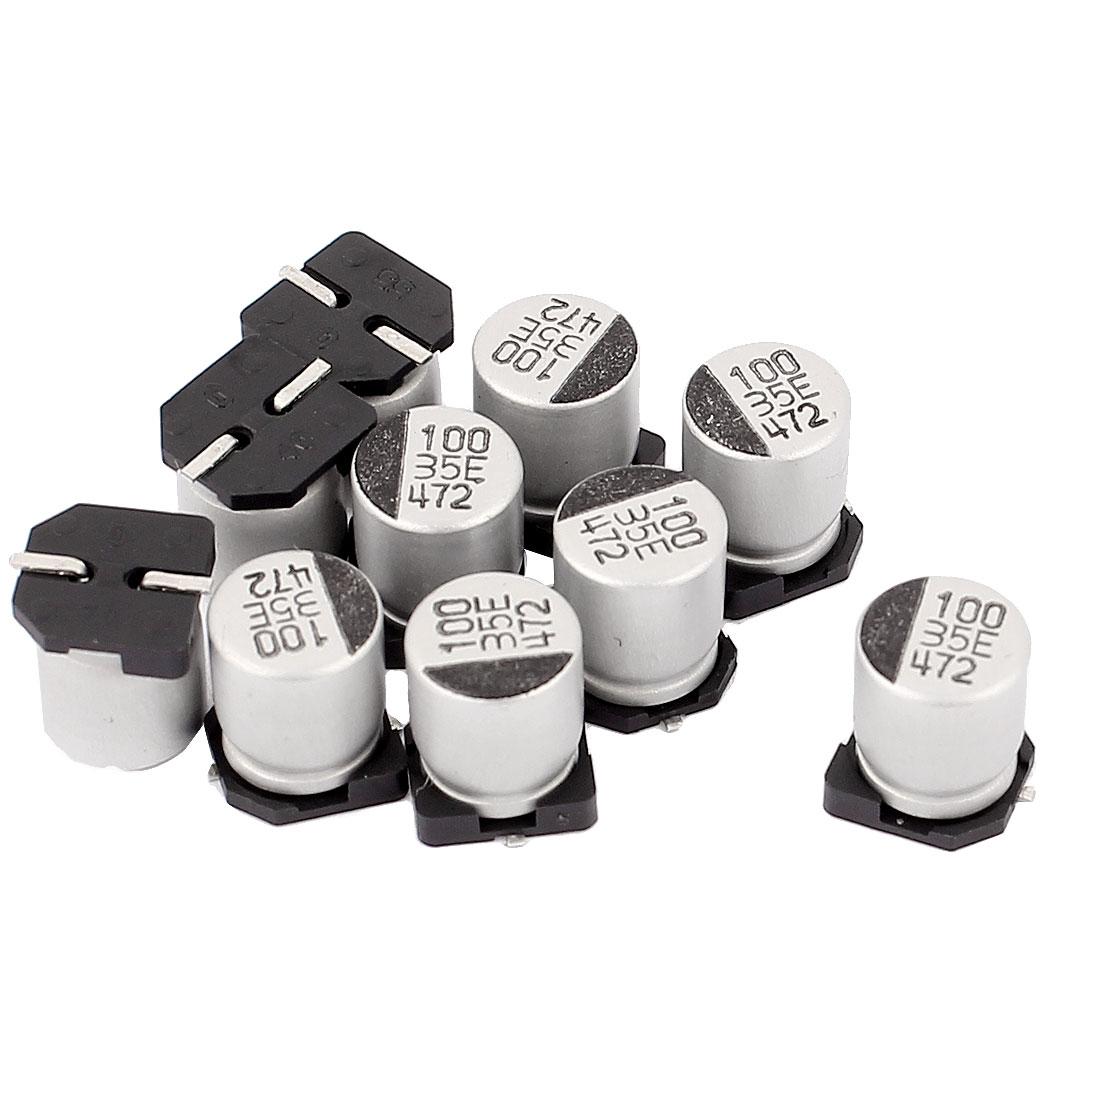 10pcs 100uF 35V SMD Aluminum Electrolytic Capacitors 6mm x 8mm